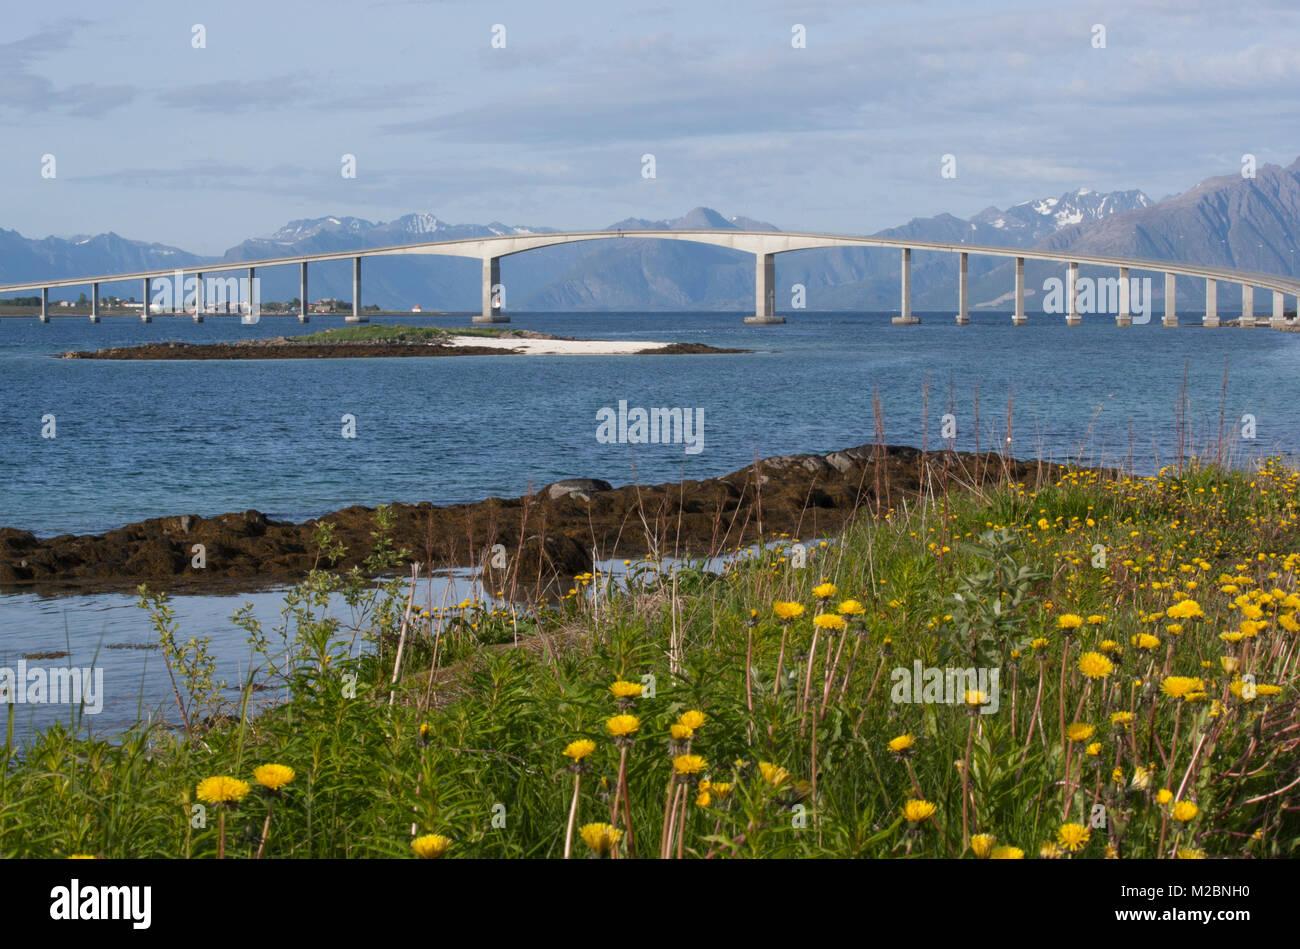 Bridge joint islands, type of Cantilever bridge,  in the Vesterålen archipelago, county of Nordland, Norway. - Stock Image